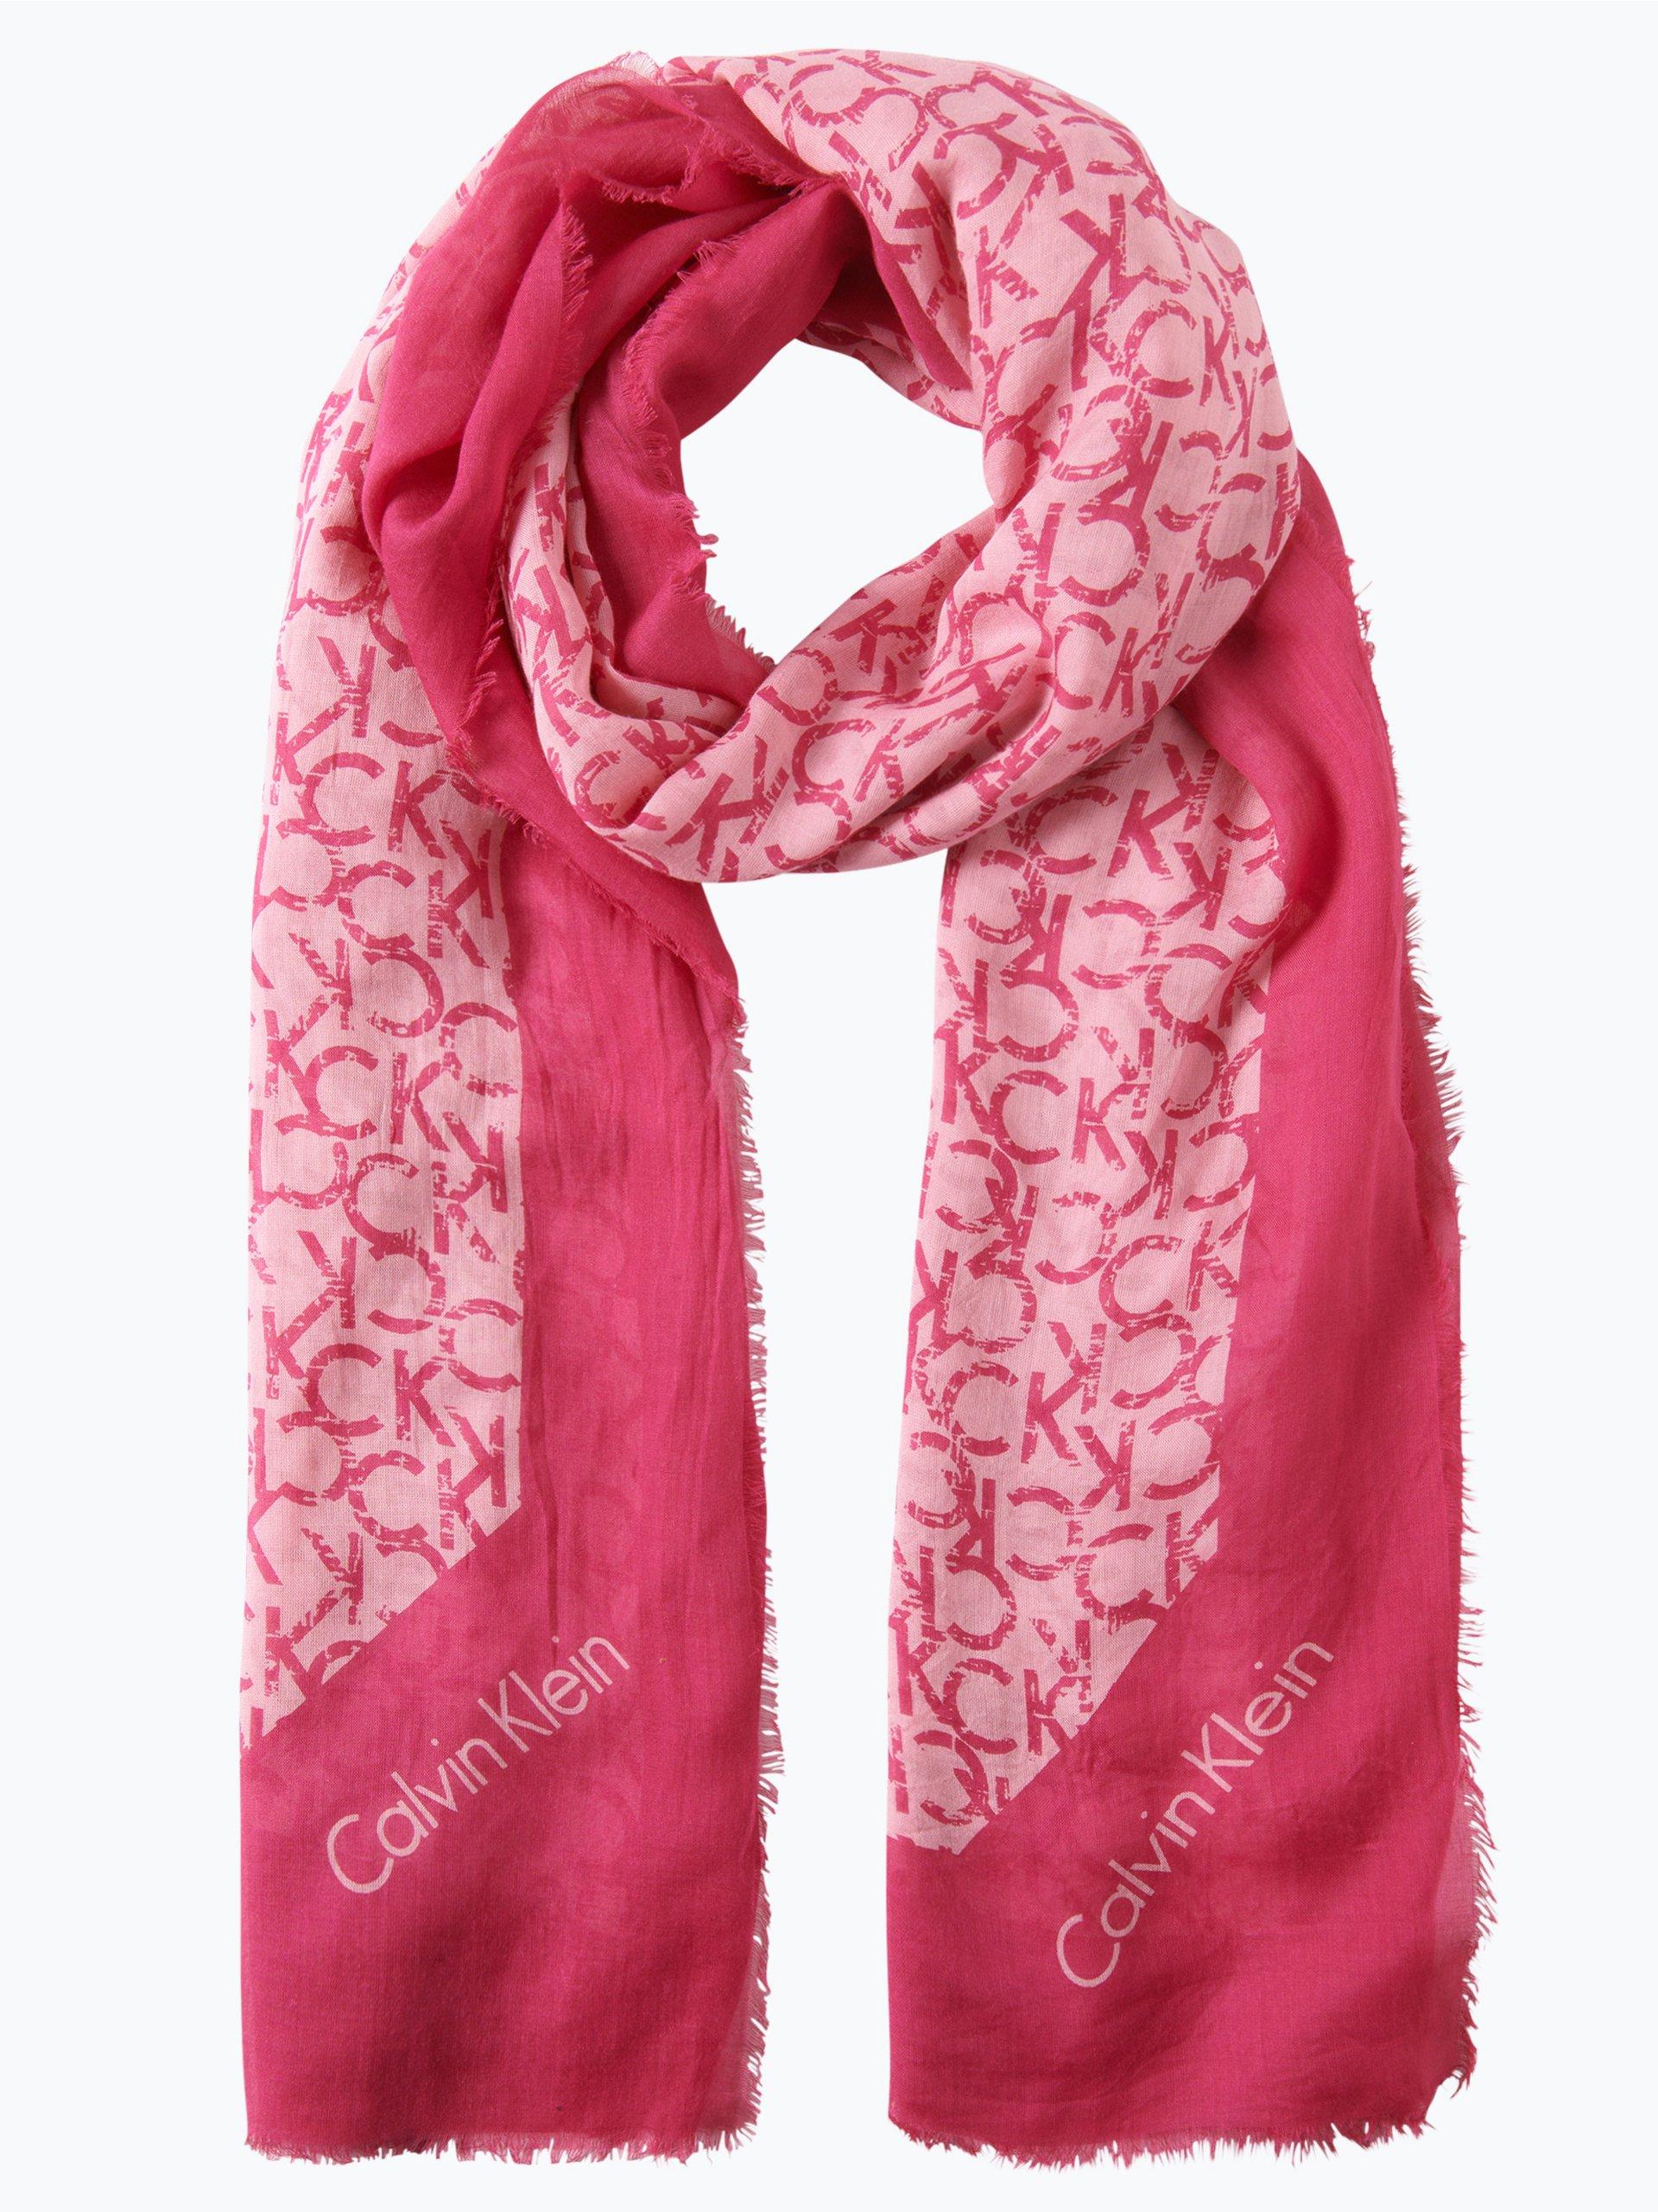 calvin klein damen schal rosa gemustert online kaufen. Black Bedroom Furniture Sets. Home Design Ideas